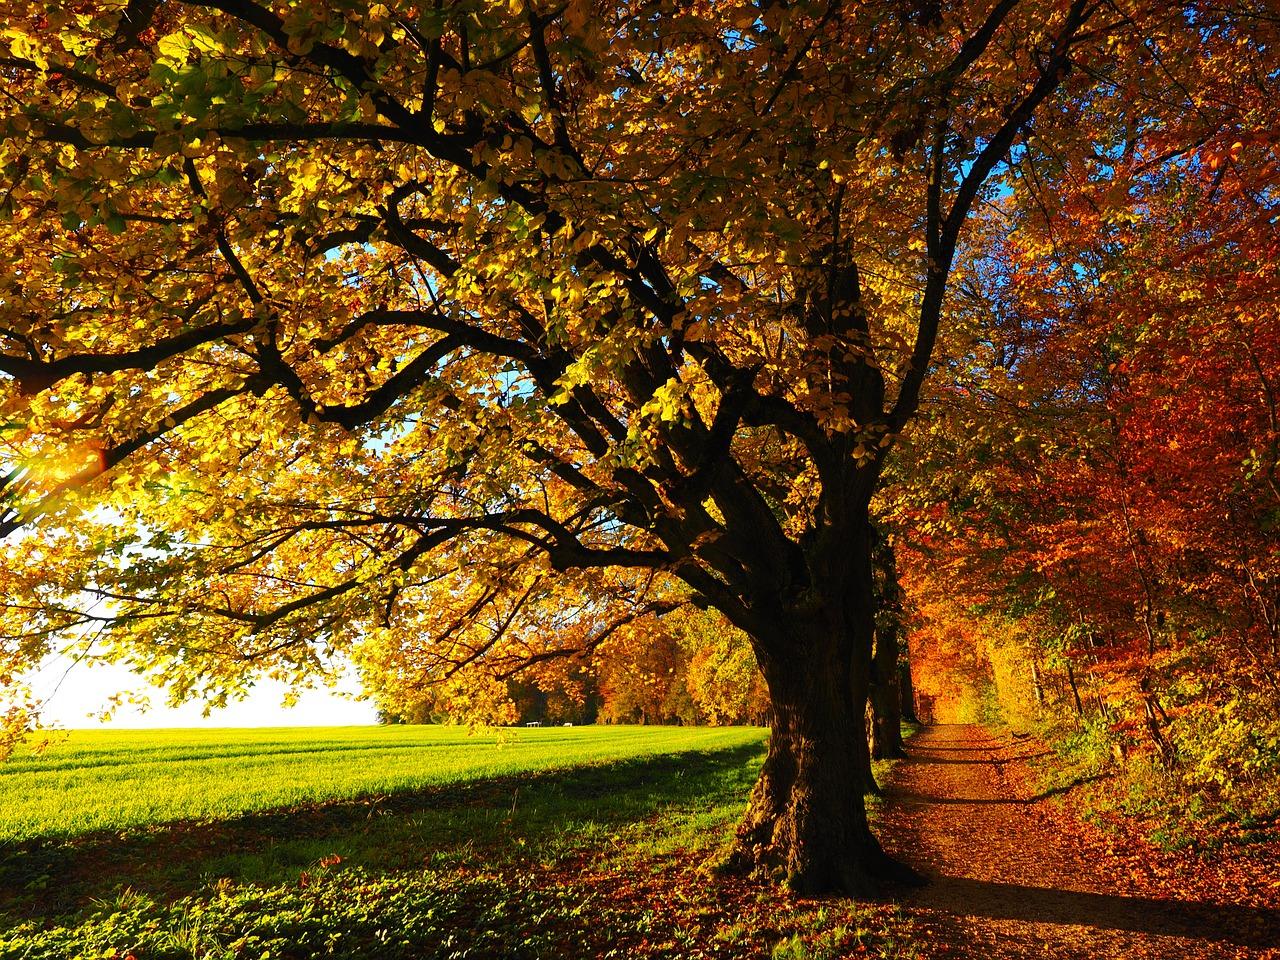 Kinder bis 10 Jahre GRATIS mit der Bauernherbst-Pauschale: Der goldene Herbst am familienfreundlichen Schörhof